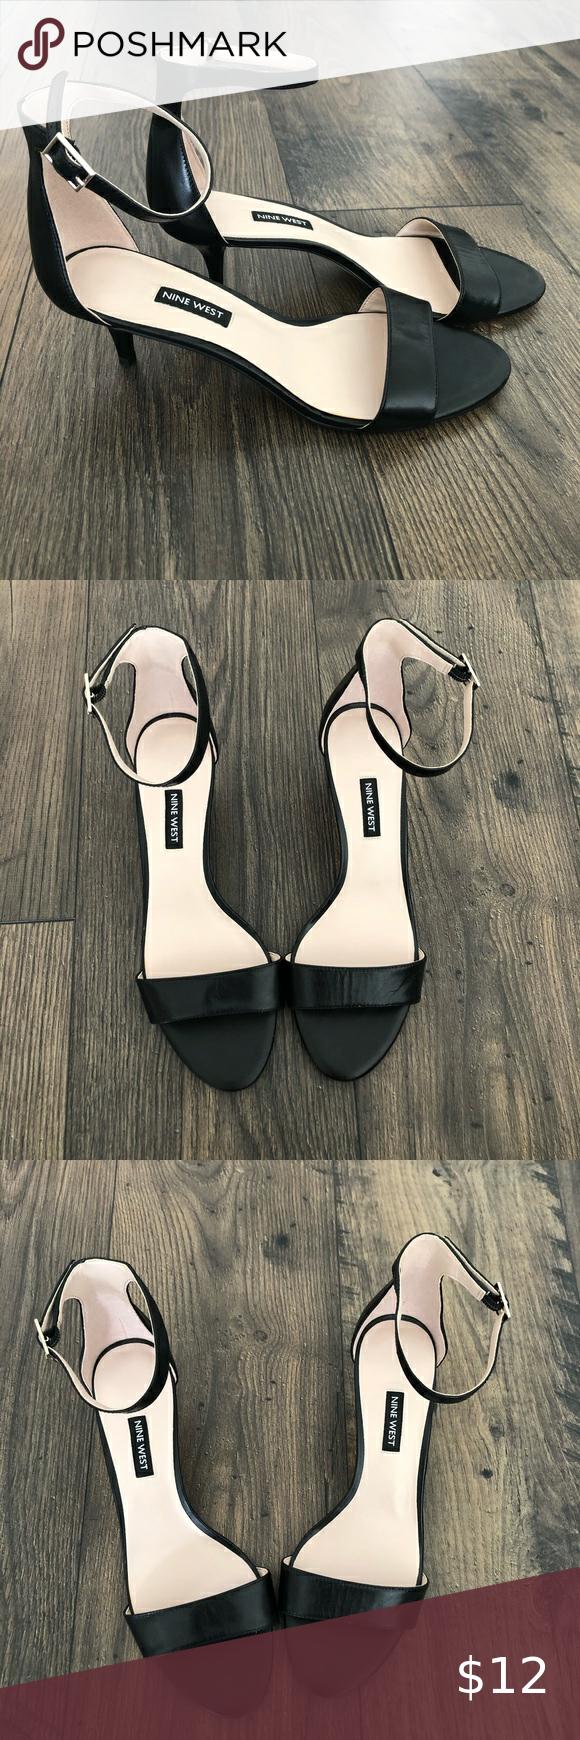 Black Strap Kitten Heel Sandal Women S 9 M In 2020 Kitten Heel Sandals Womens Sandals Sandals Heels